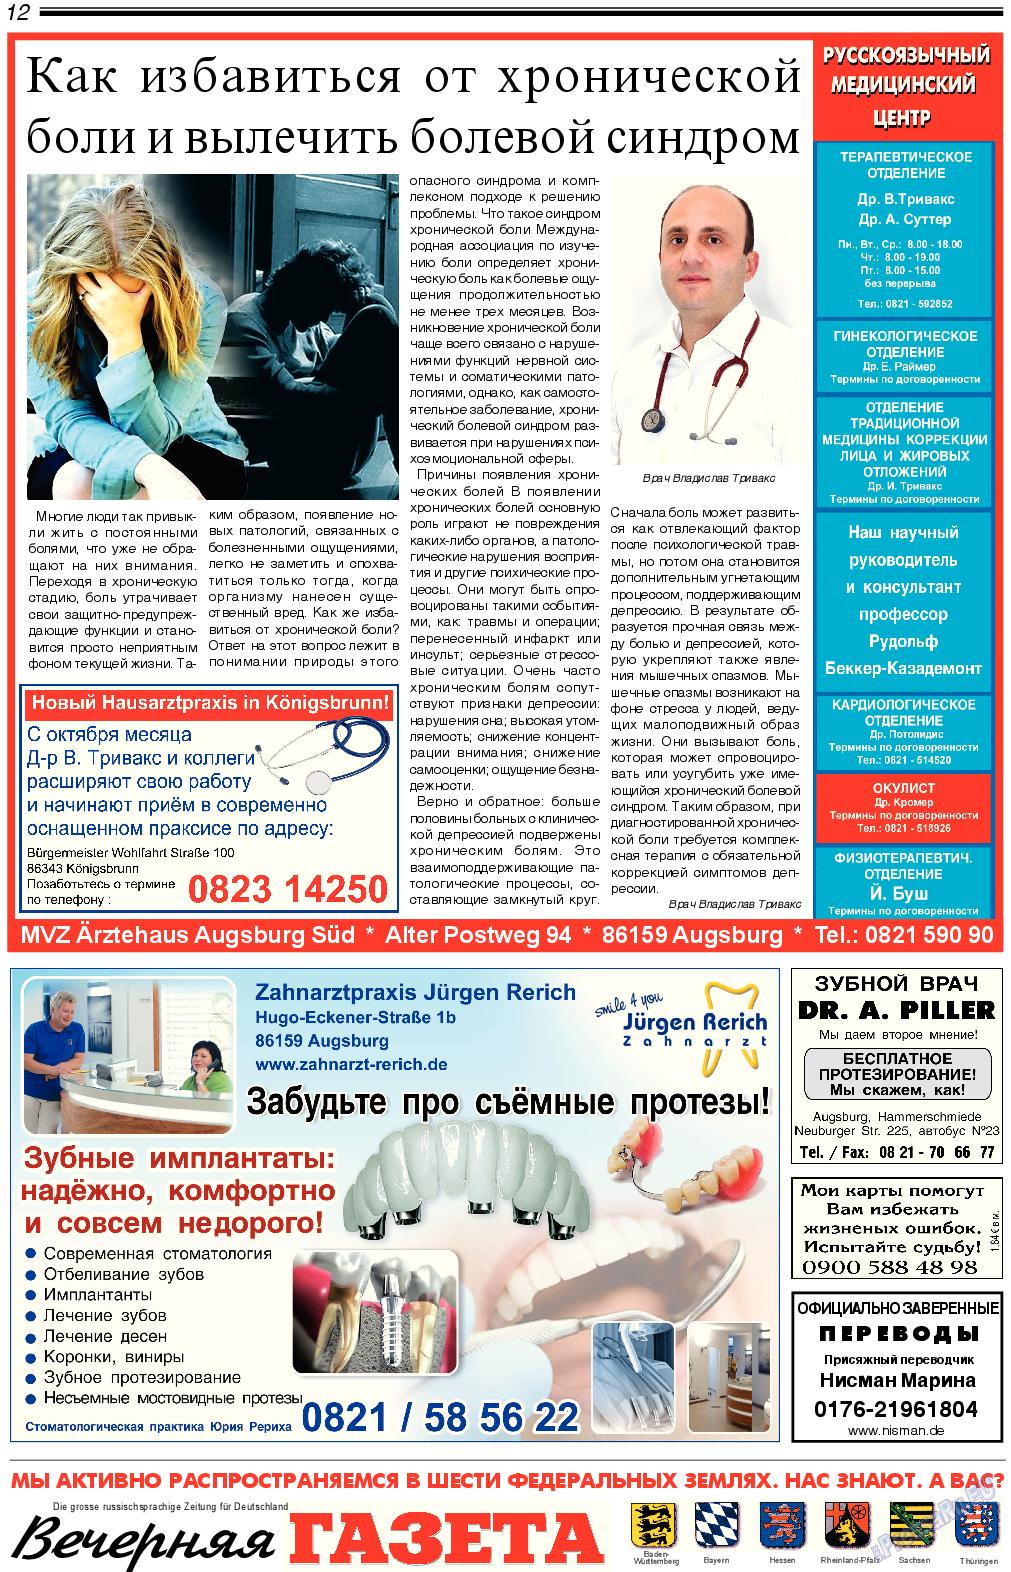 Вечерняя газета (газета). 2017 год, номер 11, стр. 12